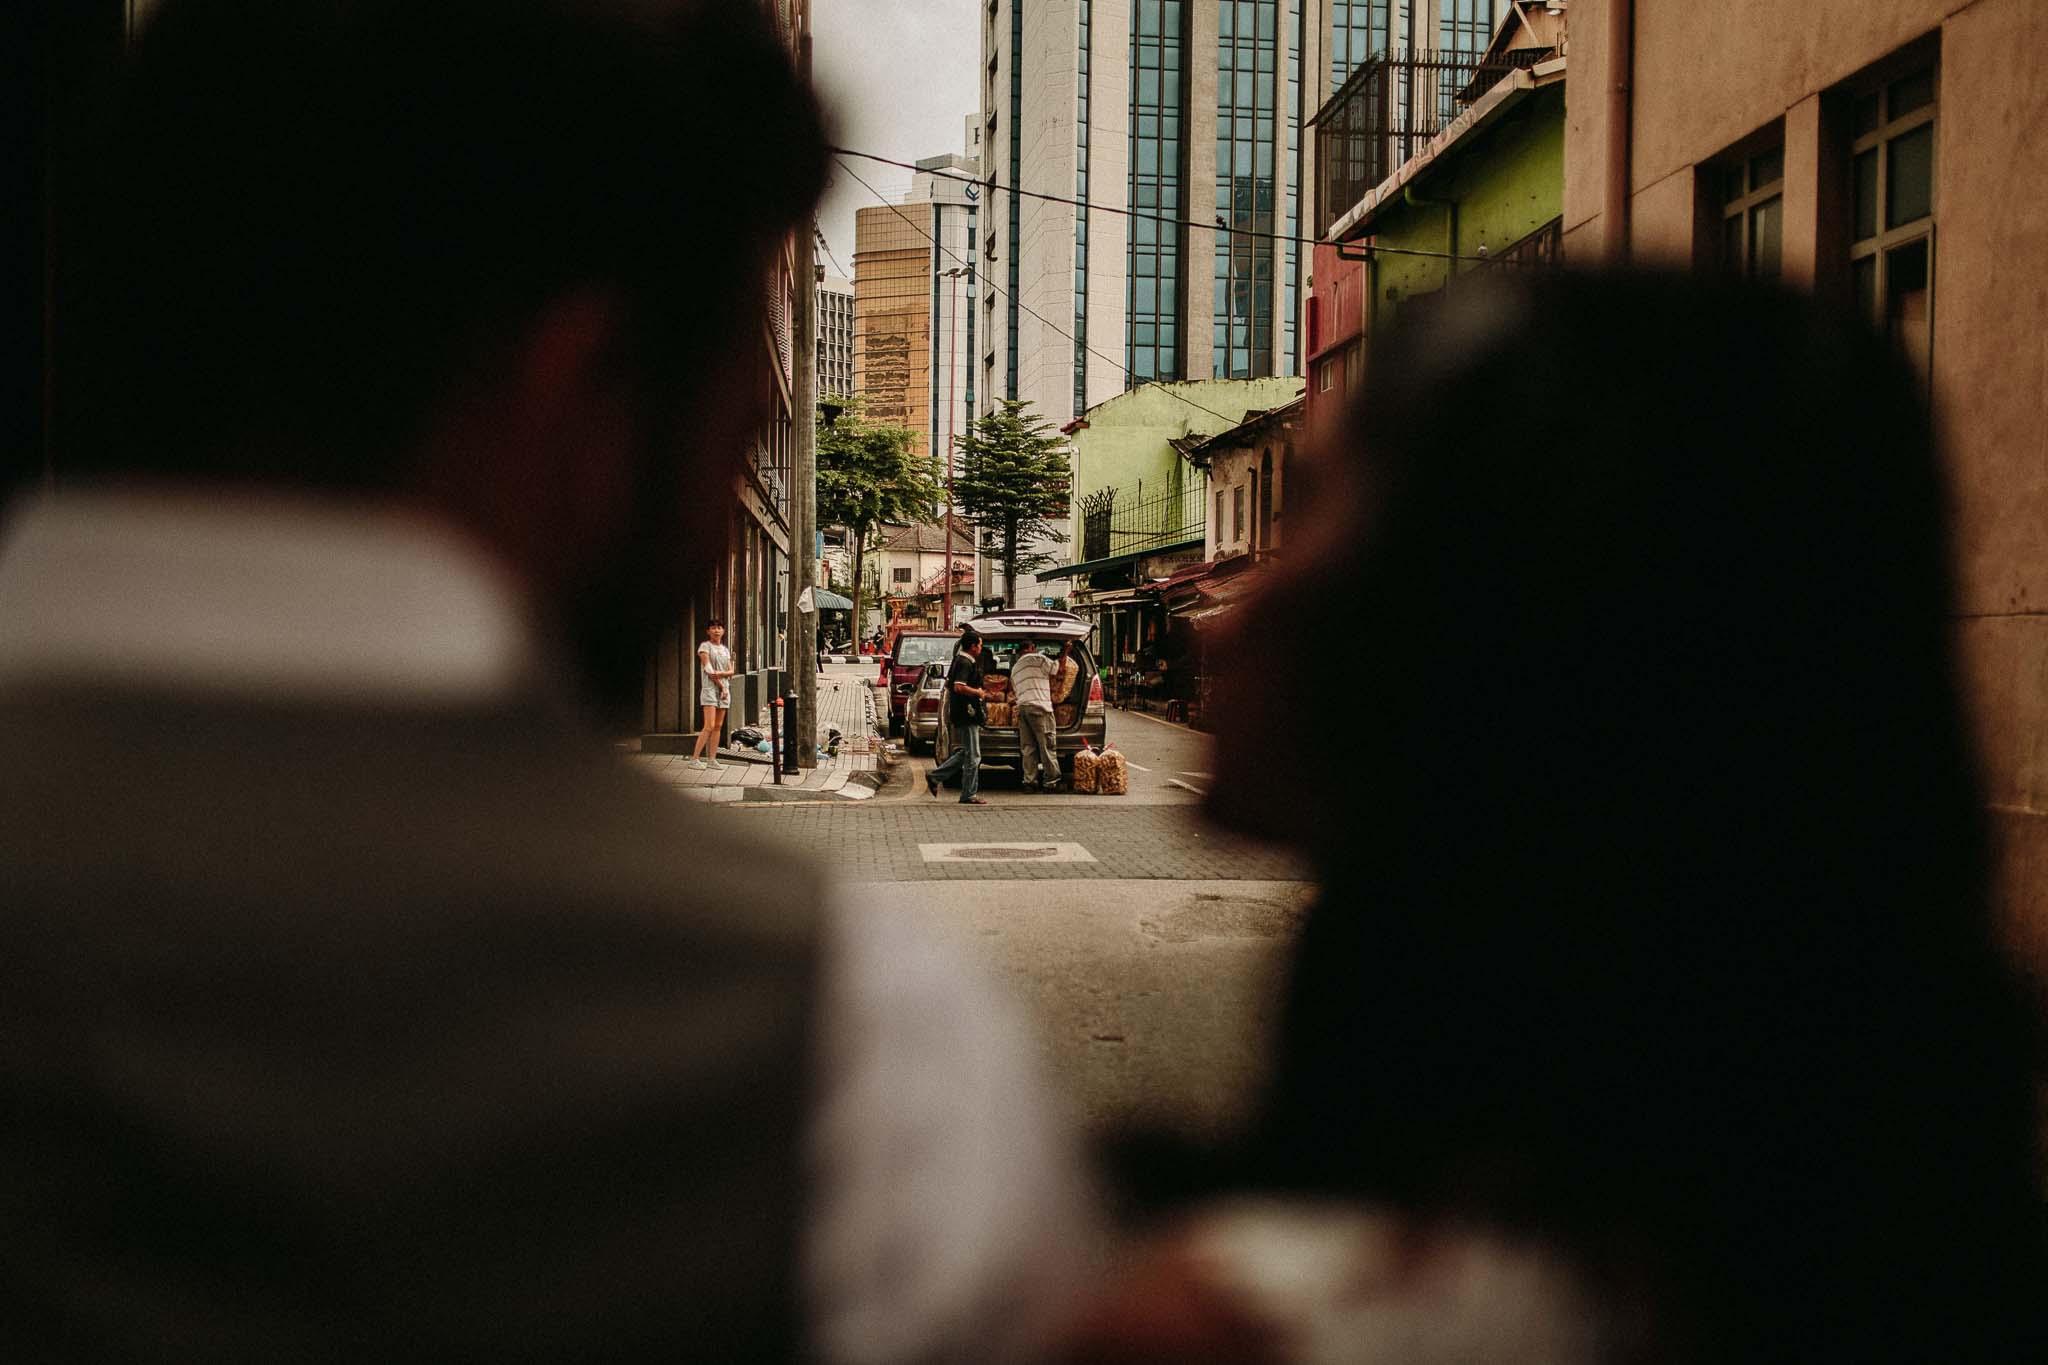 u&m-weddingsbyqay-lovesession-destinationweddingphotographer (87 of 160).jpg